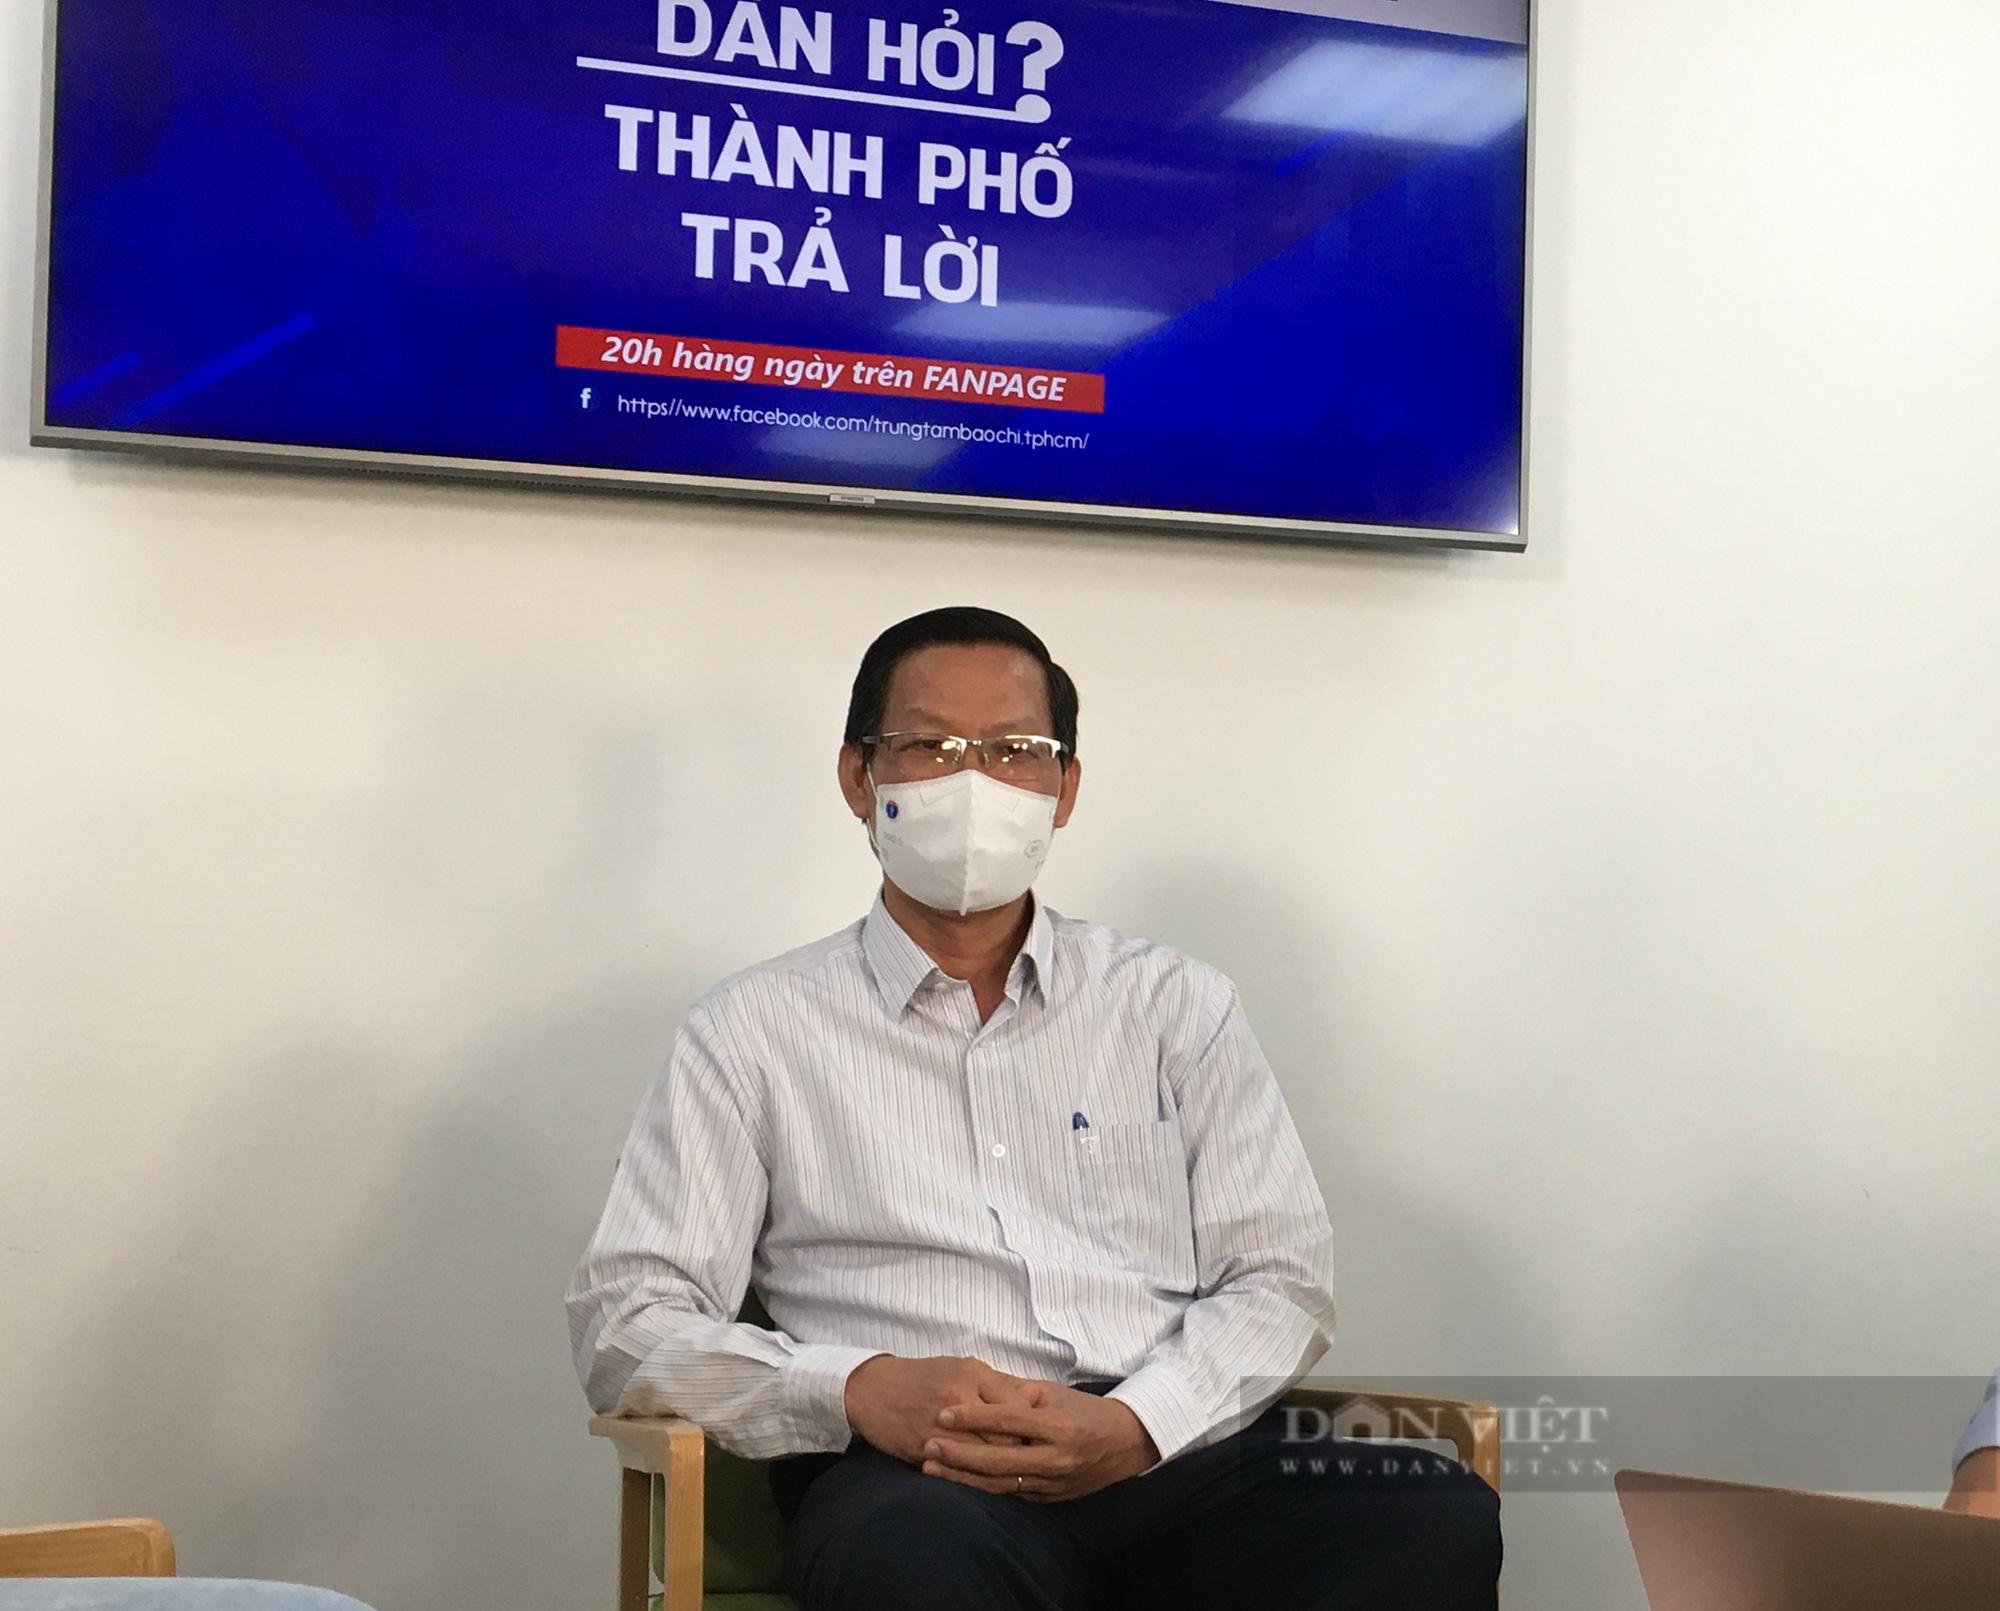 Chủ tịch UBND TP.HCM nhận lỗi với người dân chưa được nhận trợ cấp - Ảnh 3.